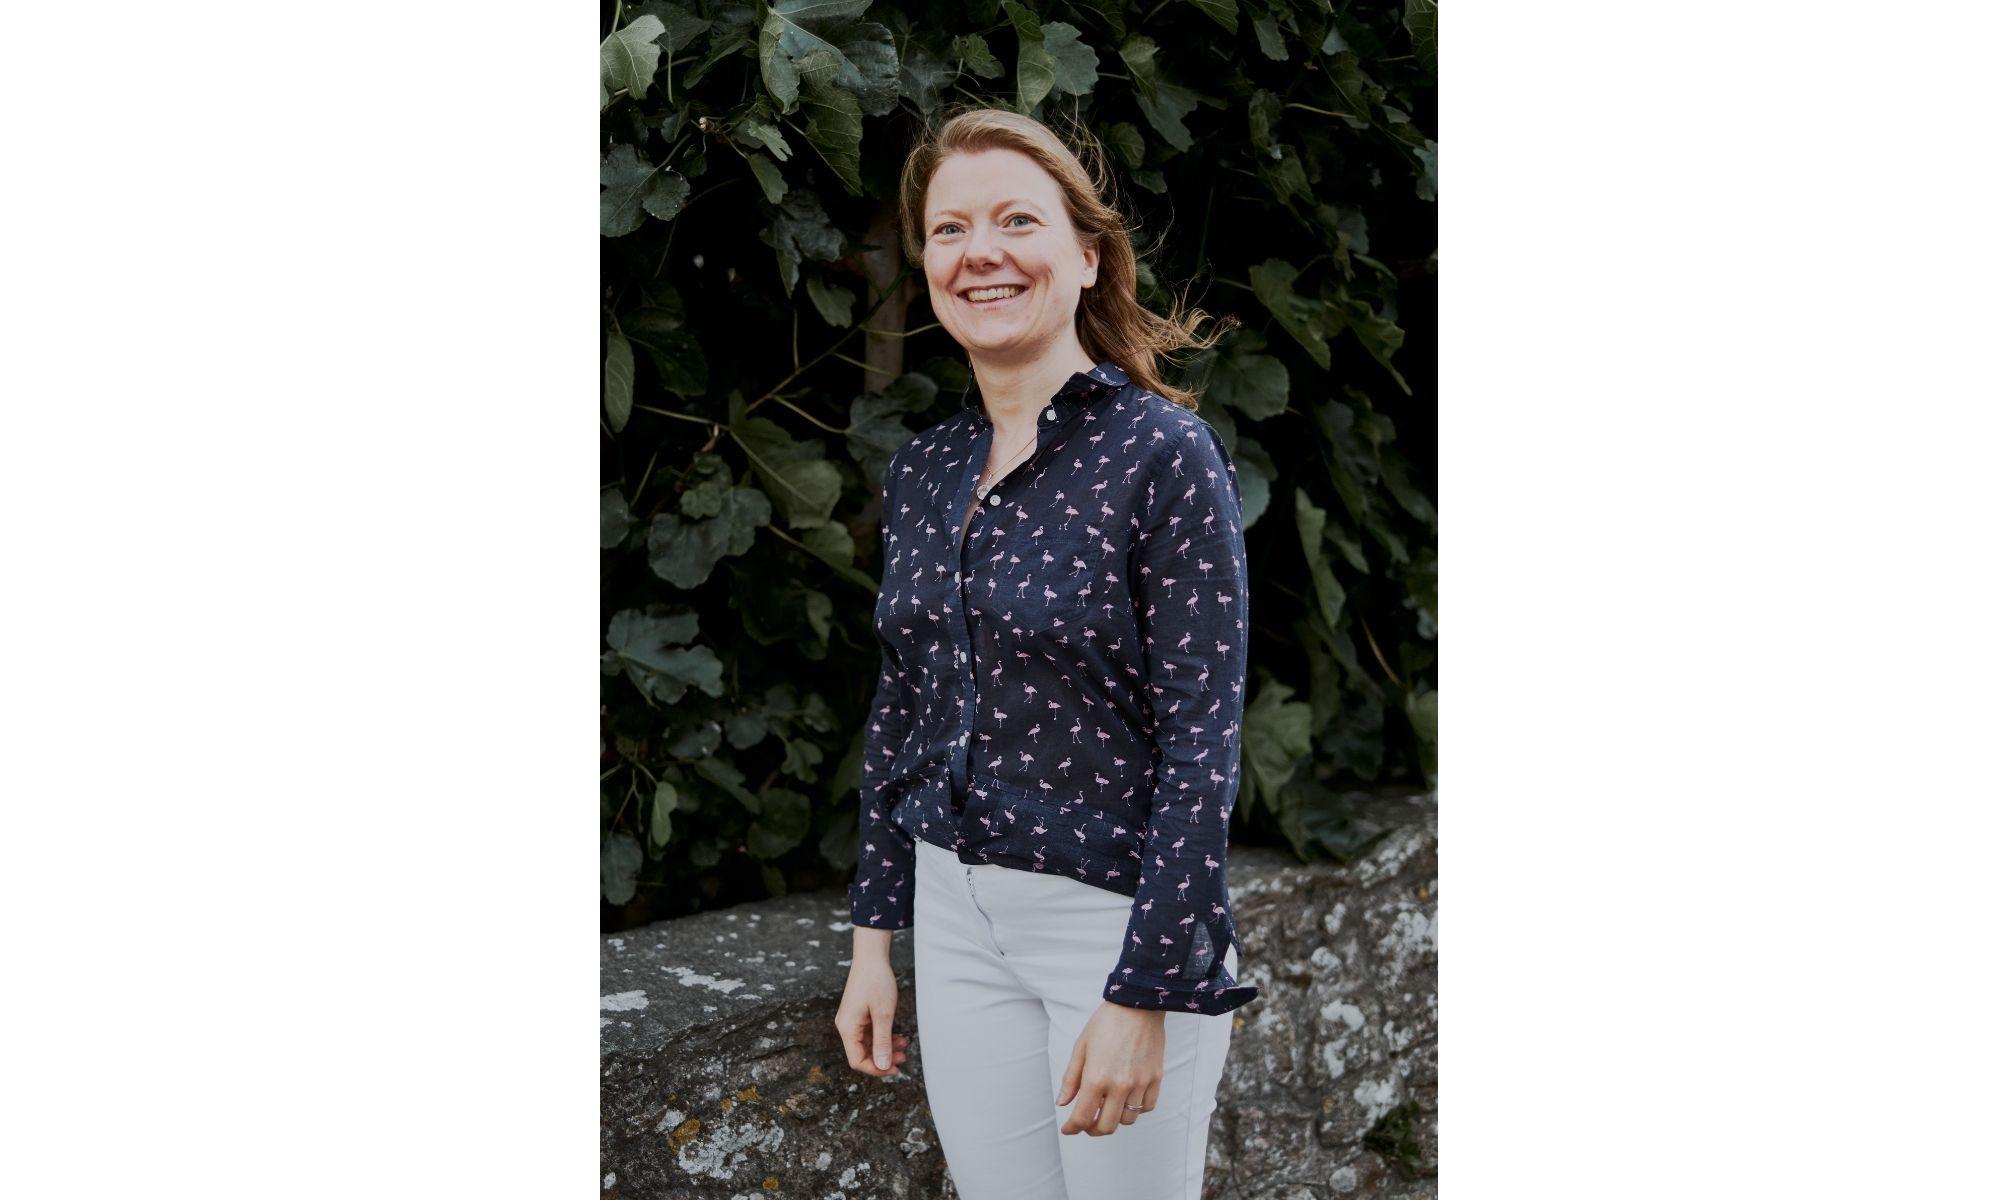 Ouest canadien. Mathilde Denier : un engagement au service des Français